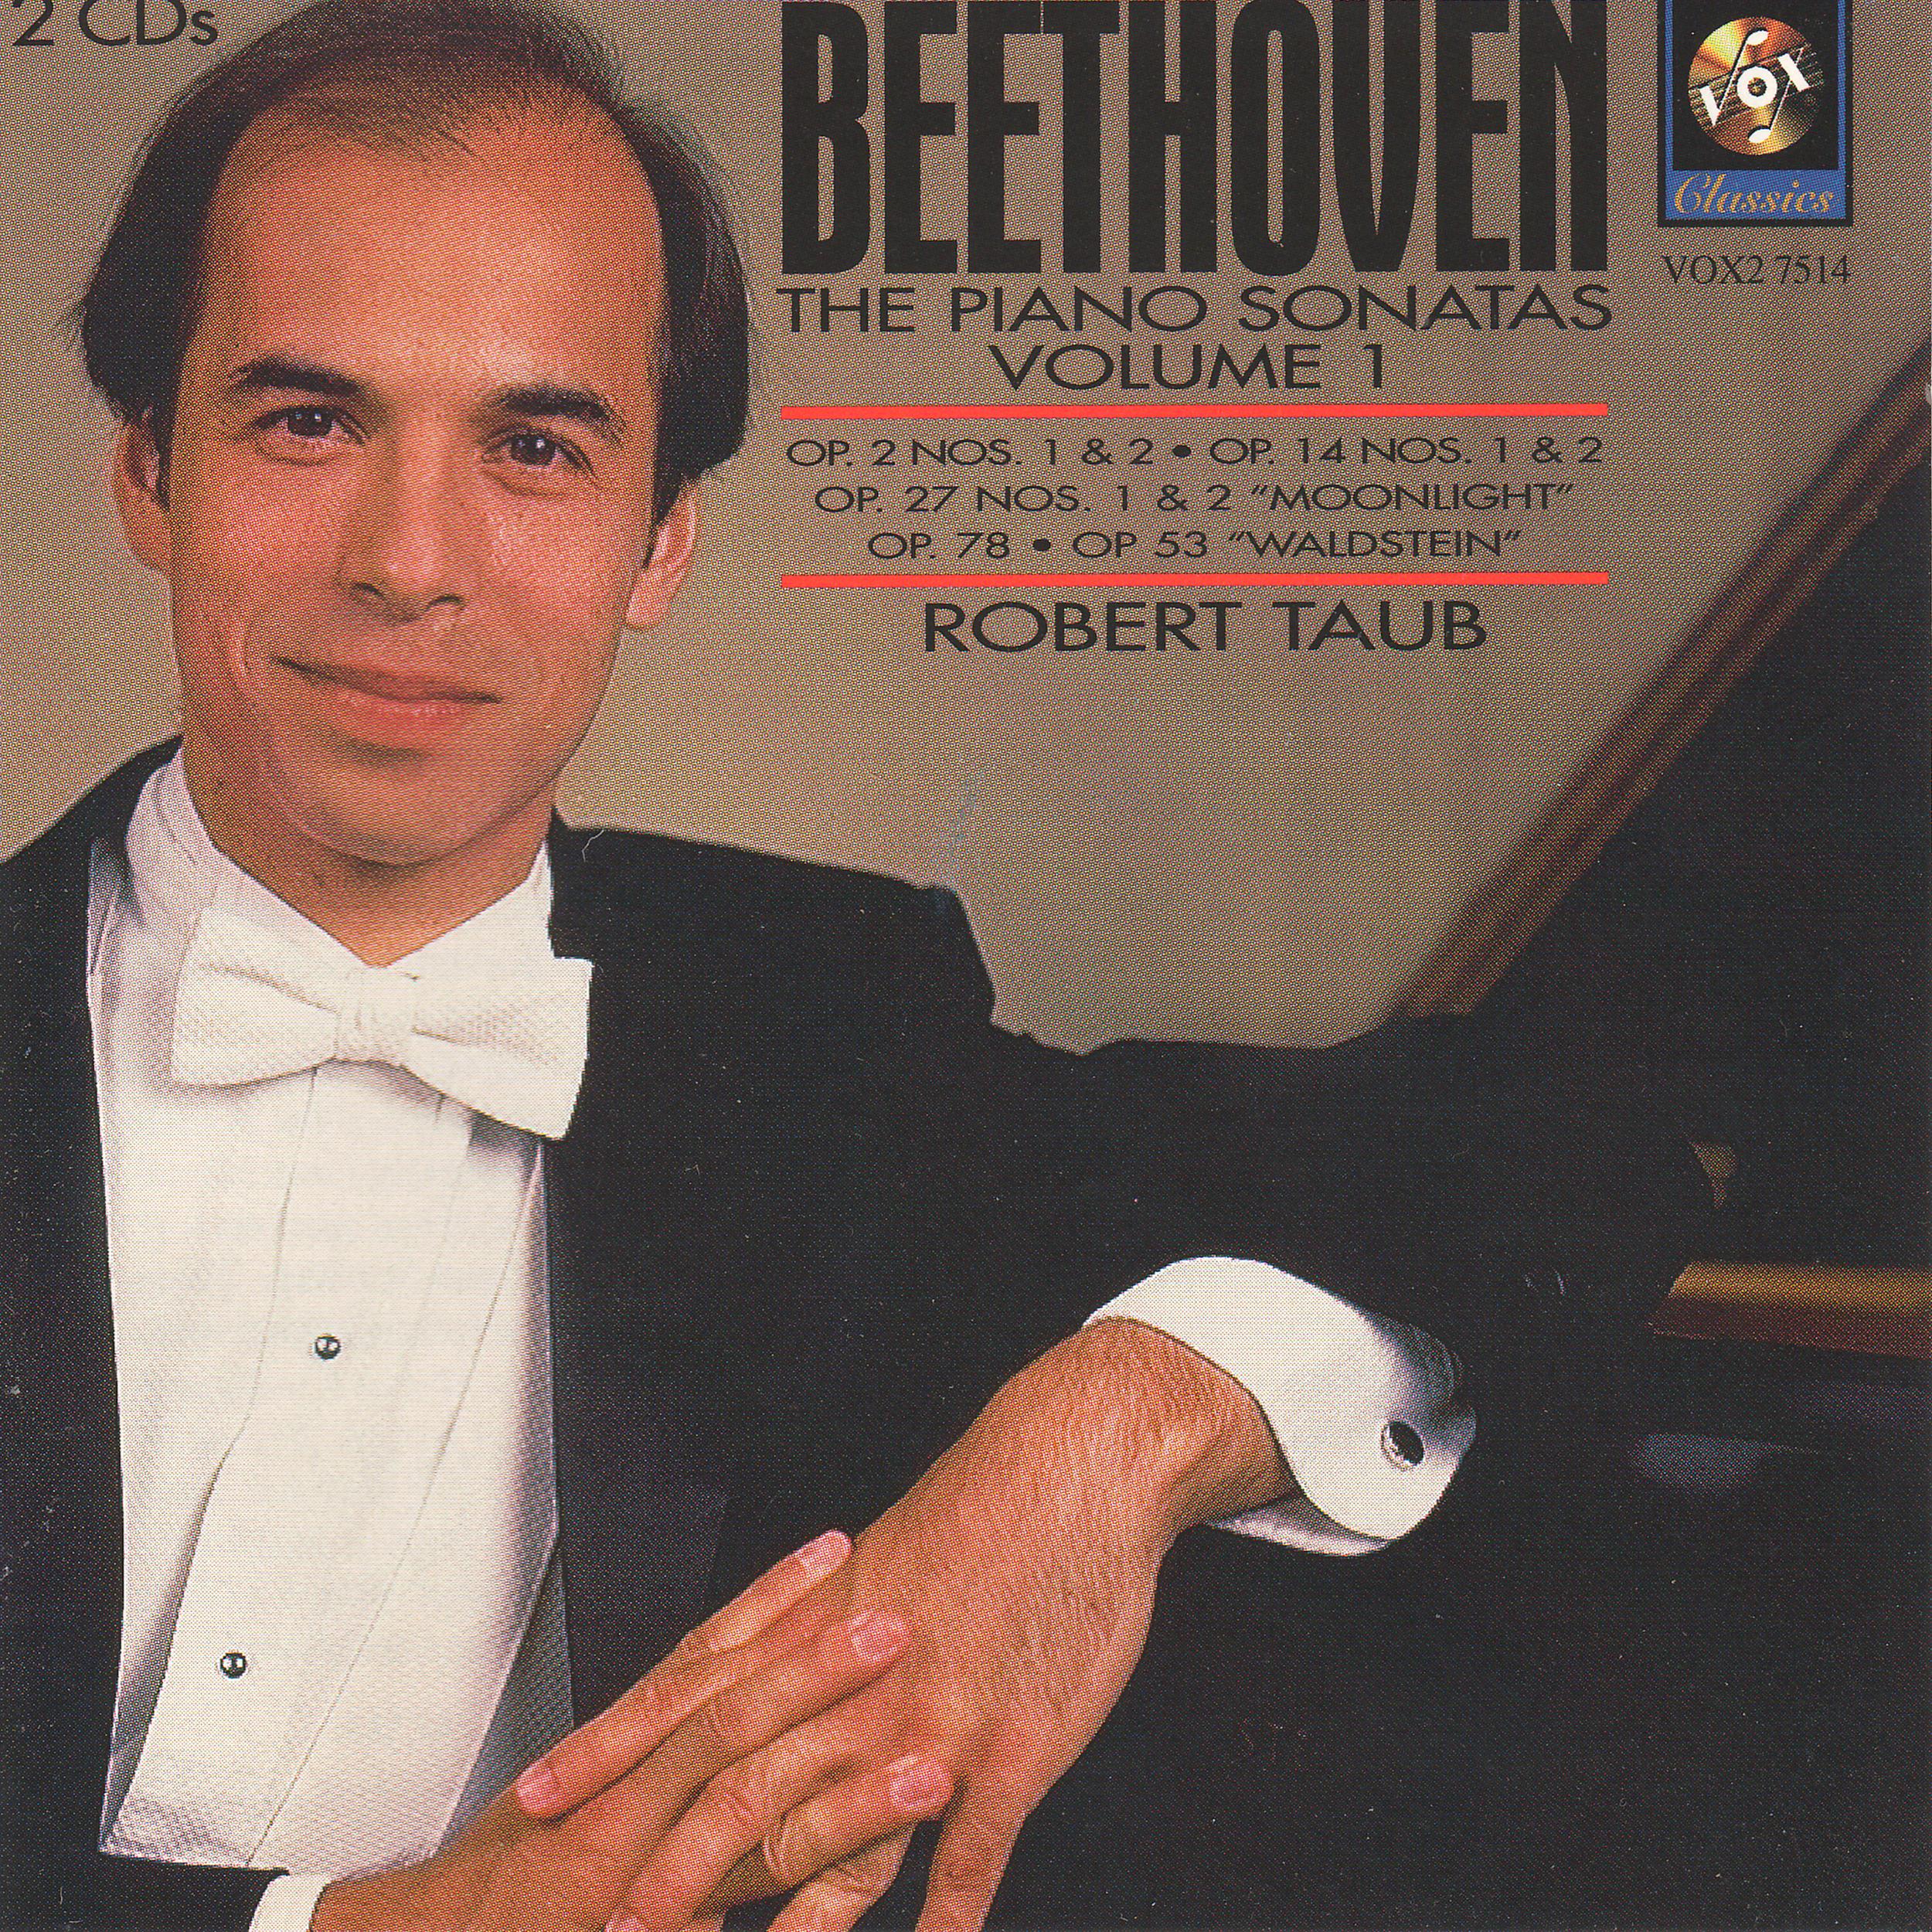 taub beethoven sonatas vol 1.jpg